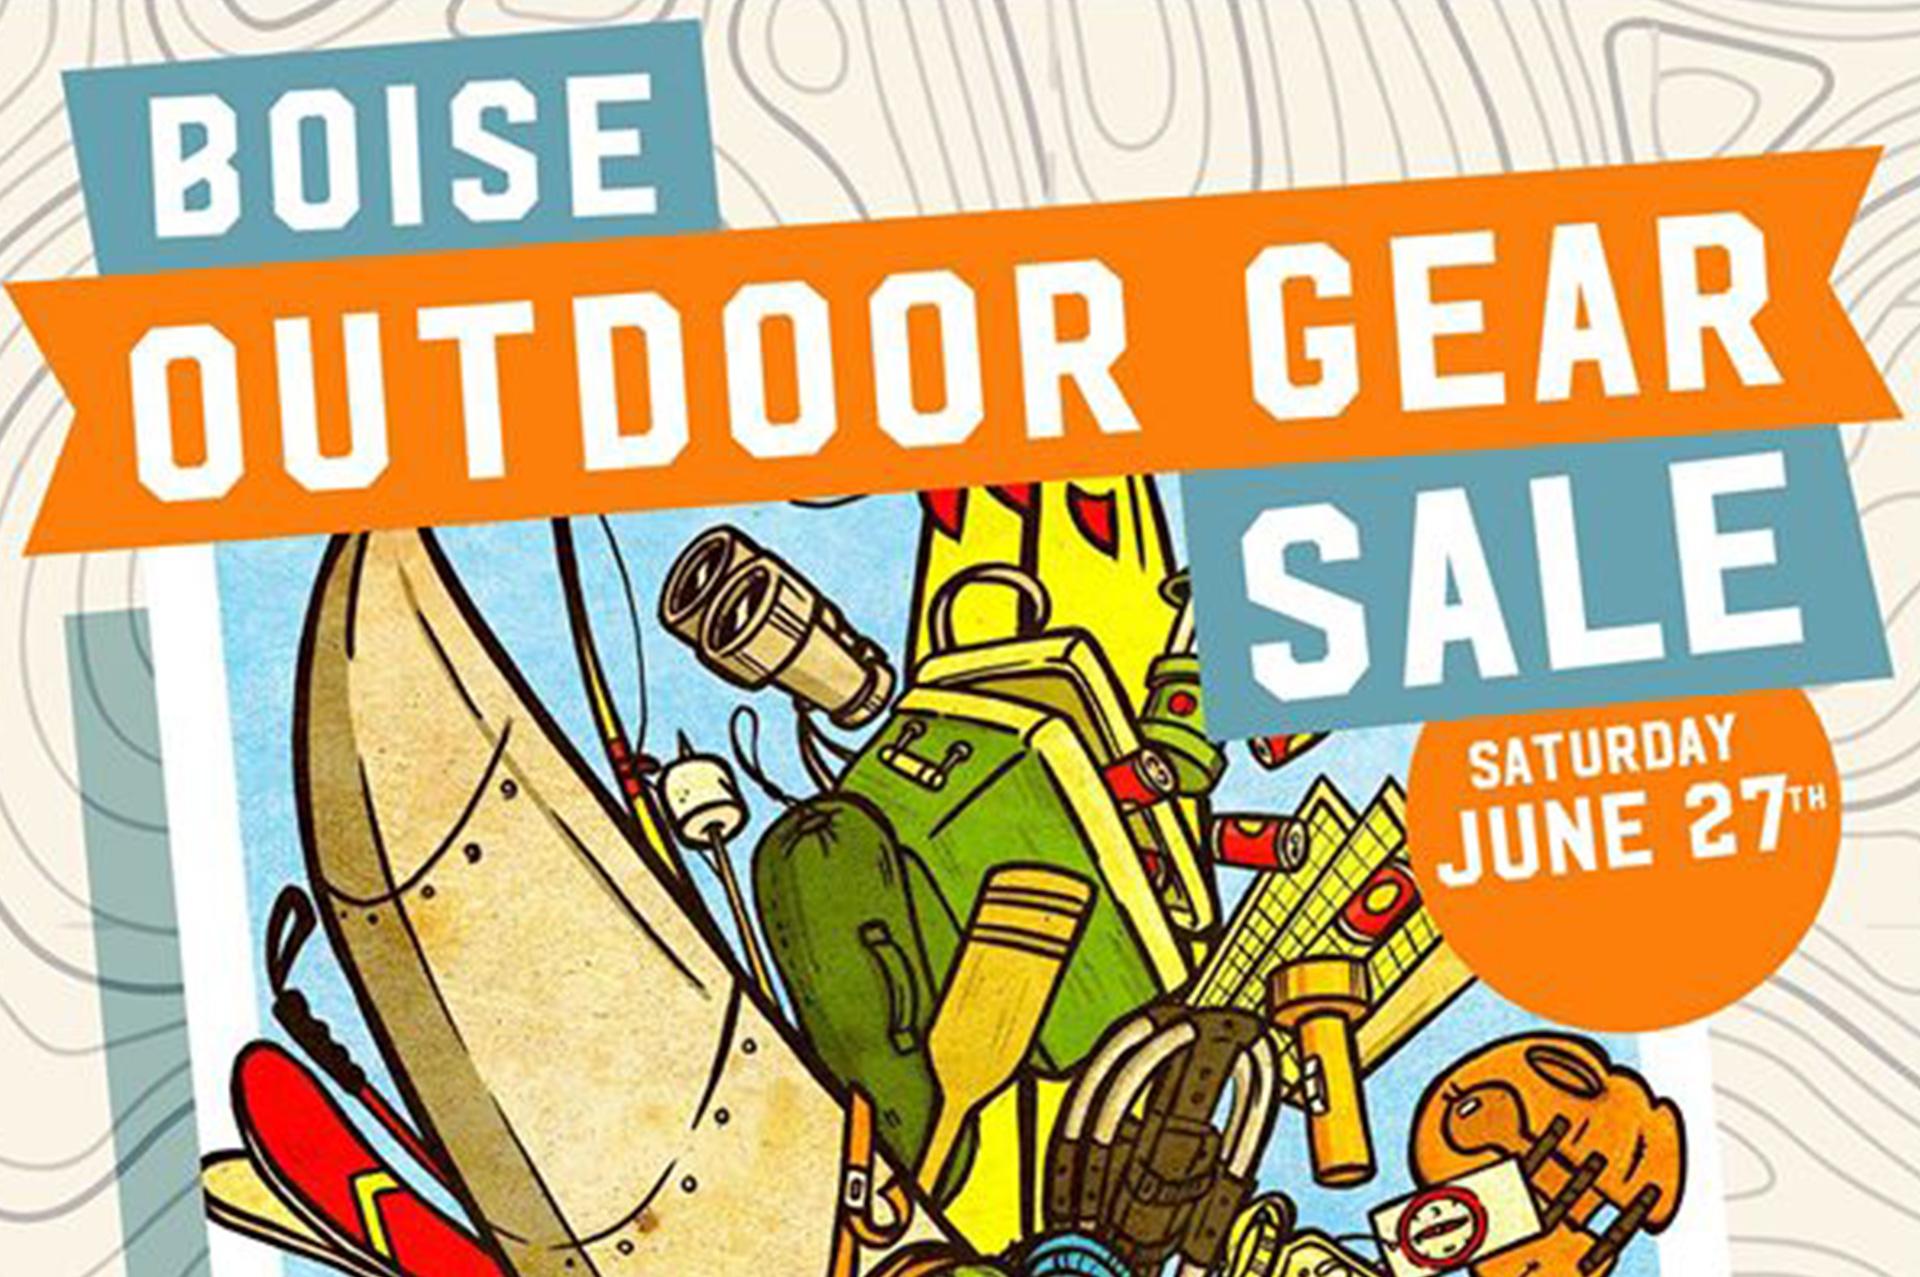 boise outdoor gear sale